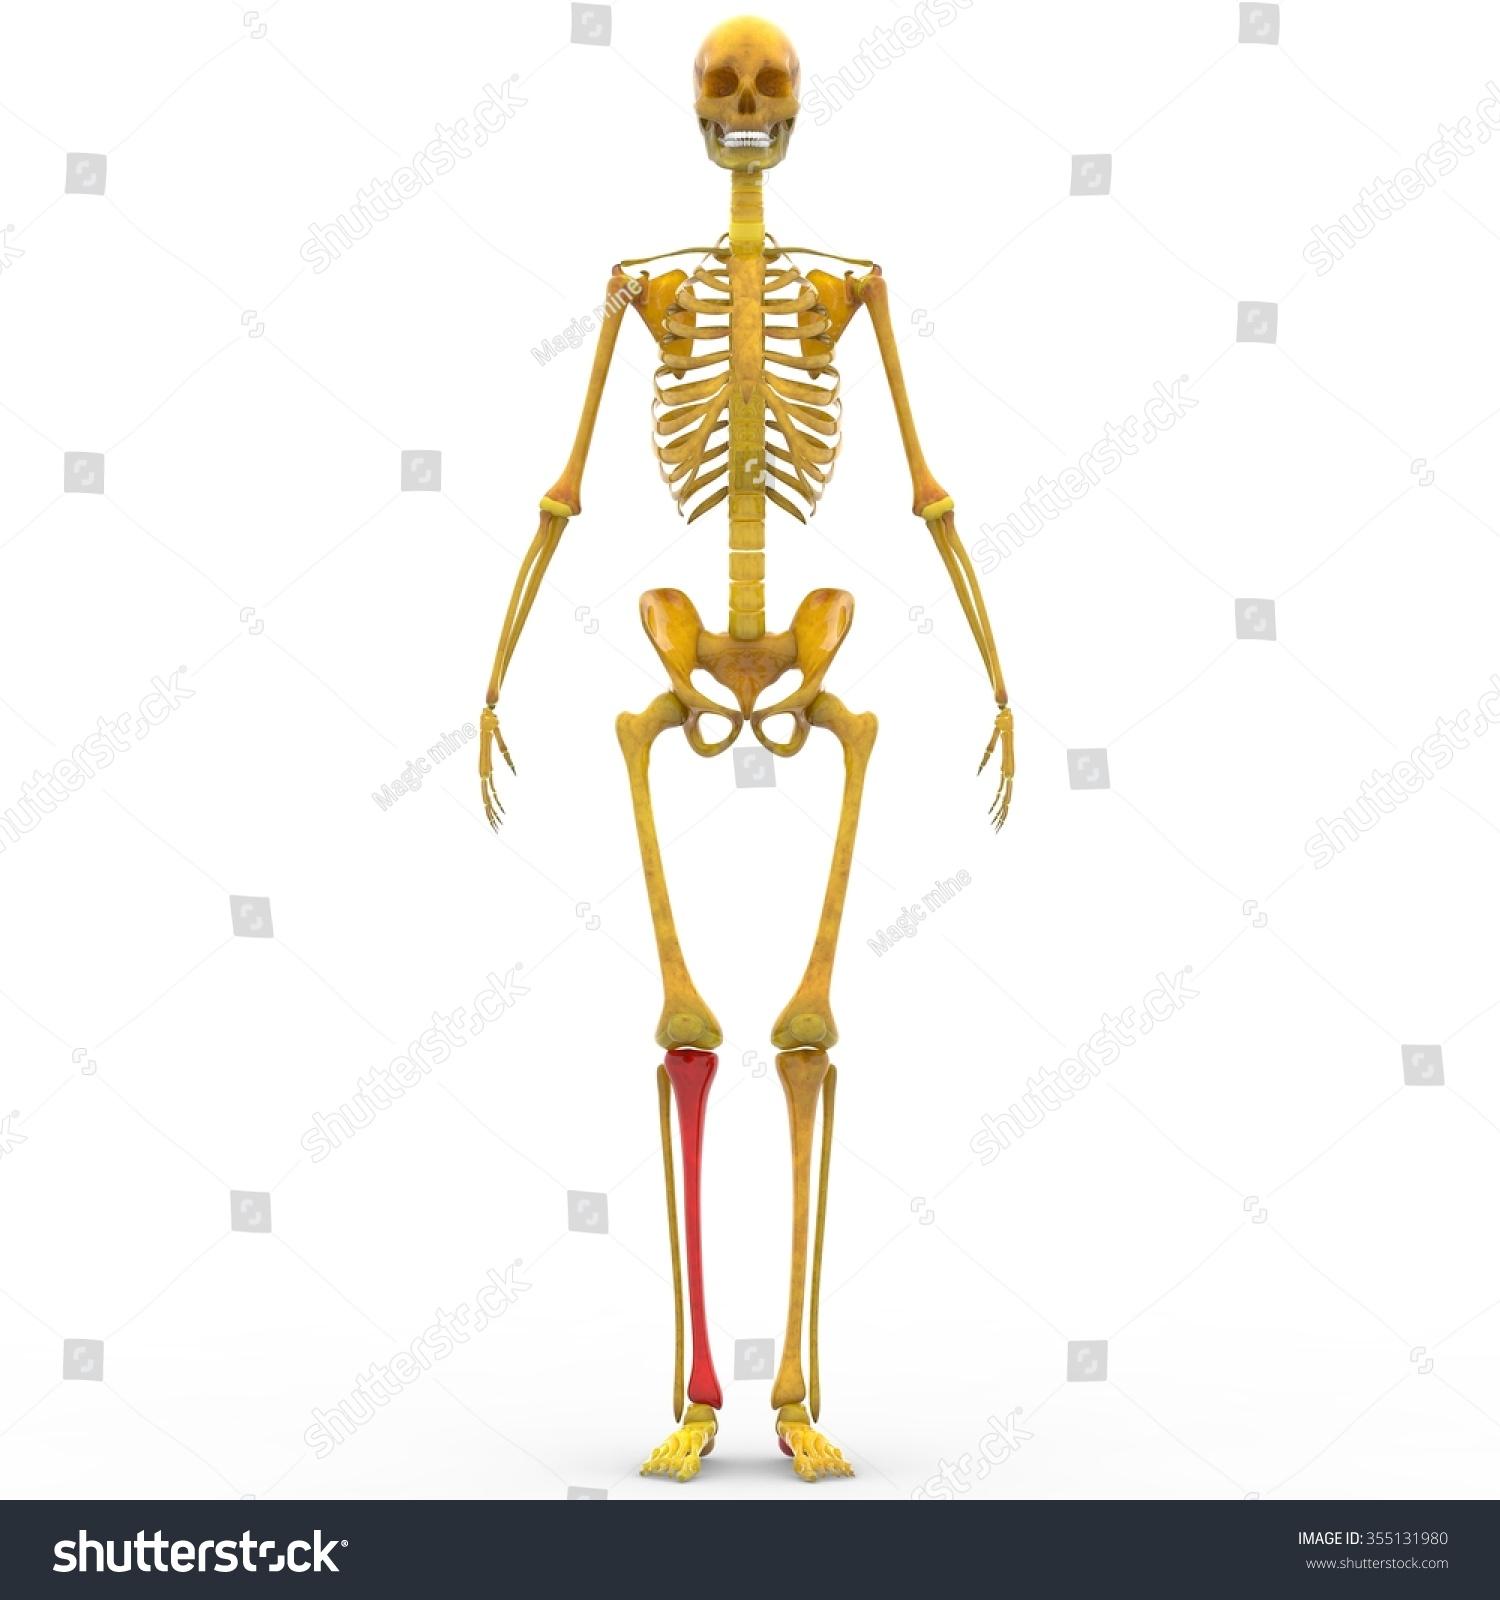 human skeleton tibia joint stock illustration 355131980 - shutterstock, Skeleton